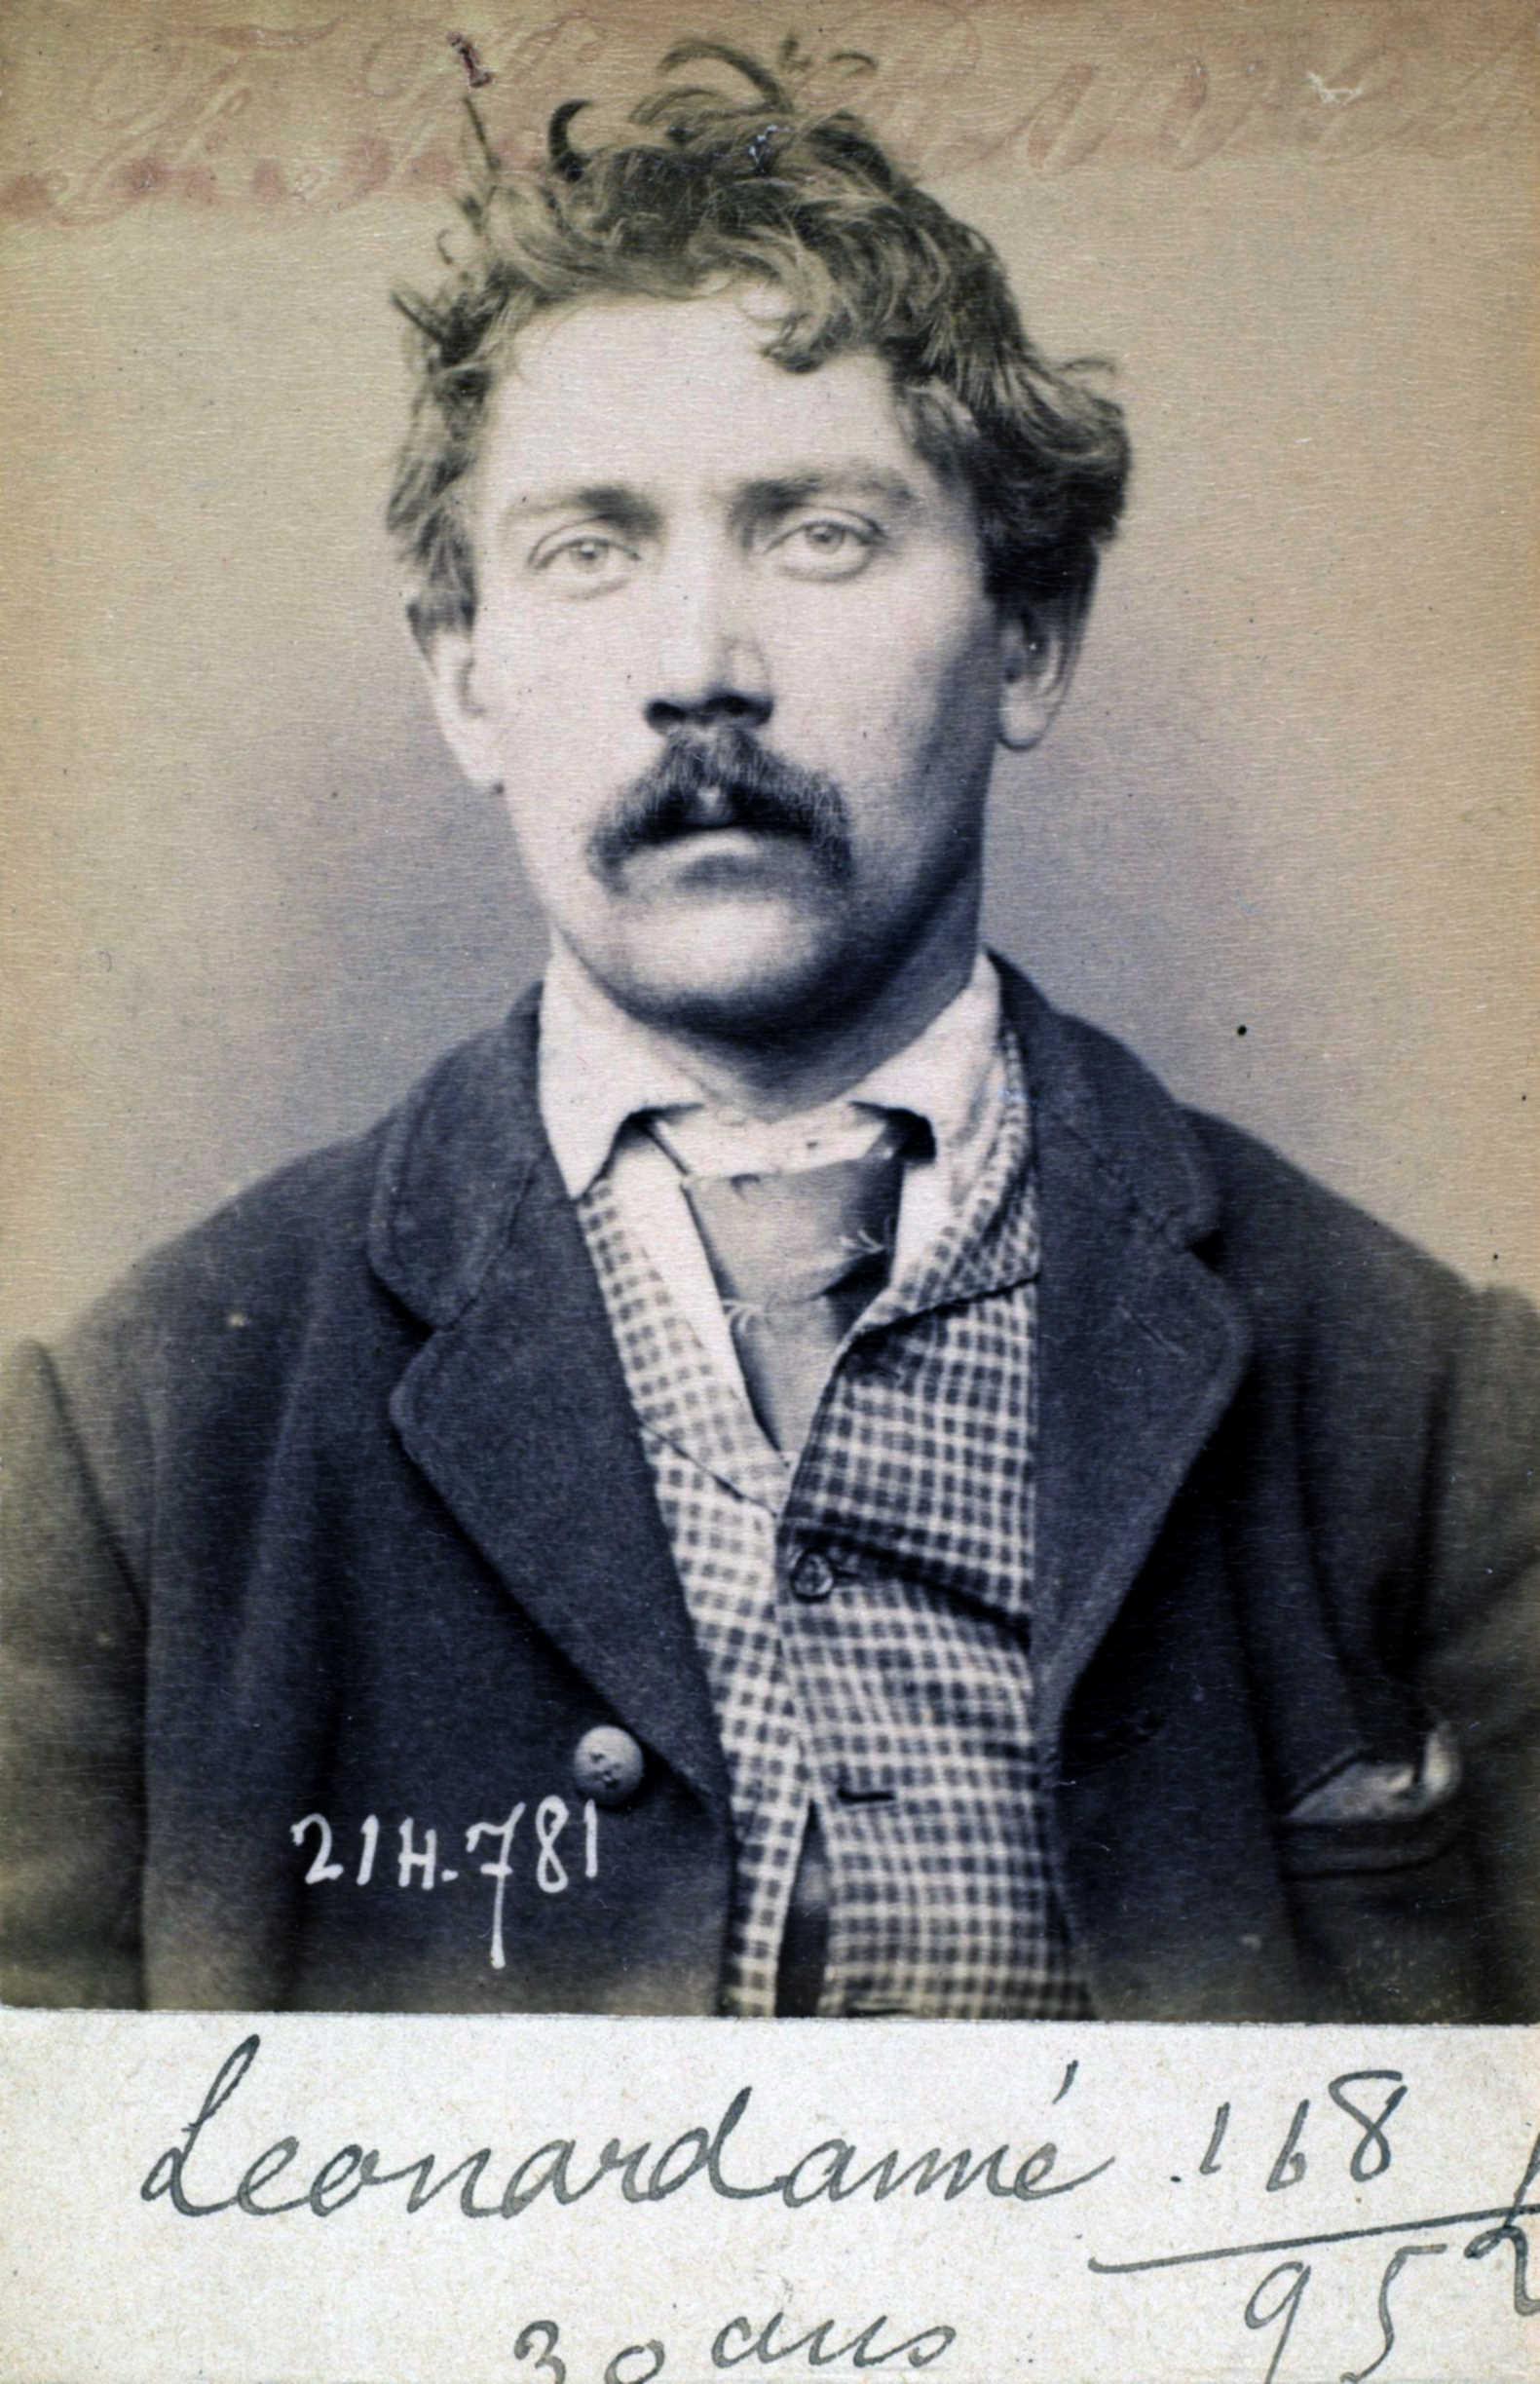 Foto policíaca d'Emérand Léonard (27 de febrer de 1894)